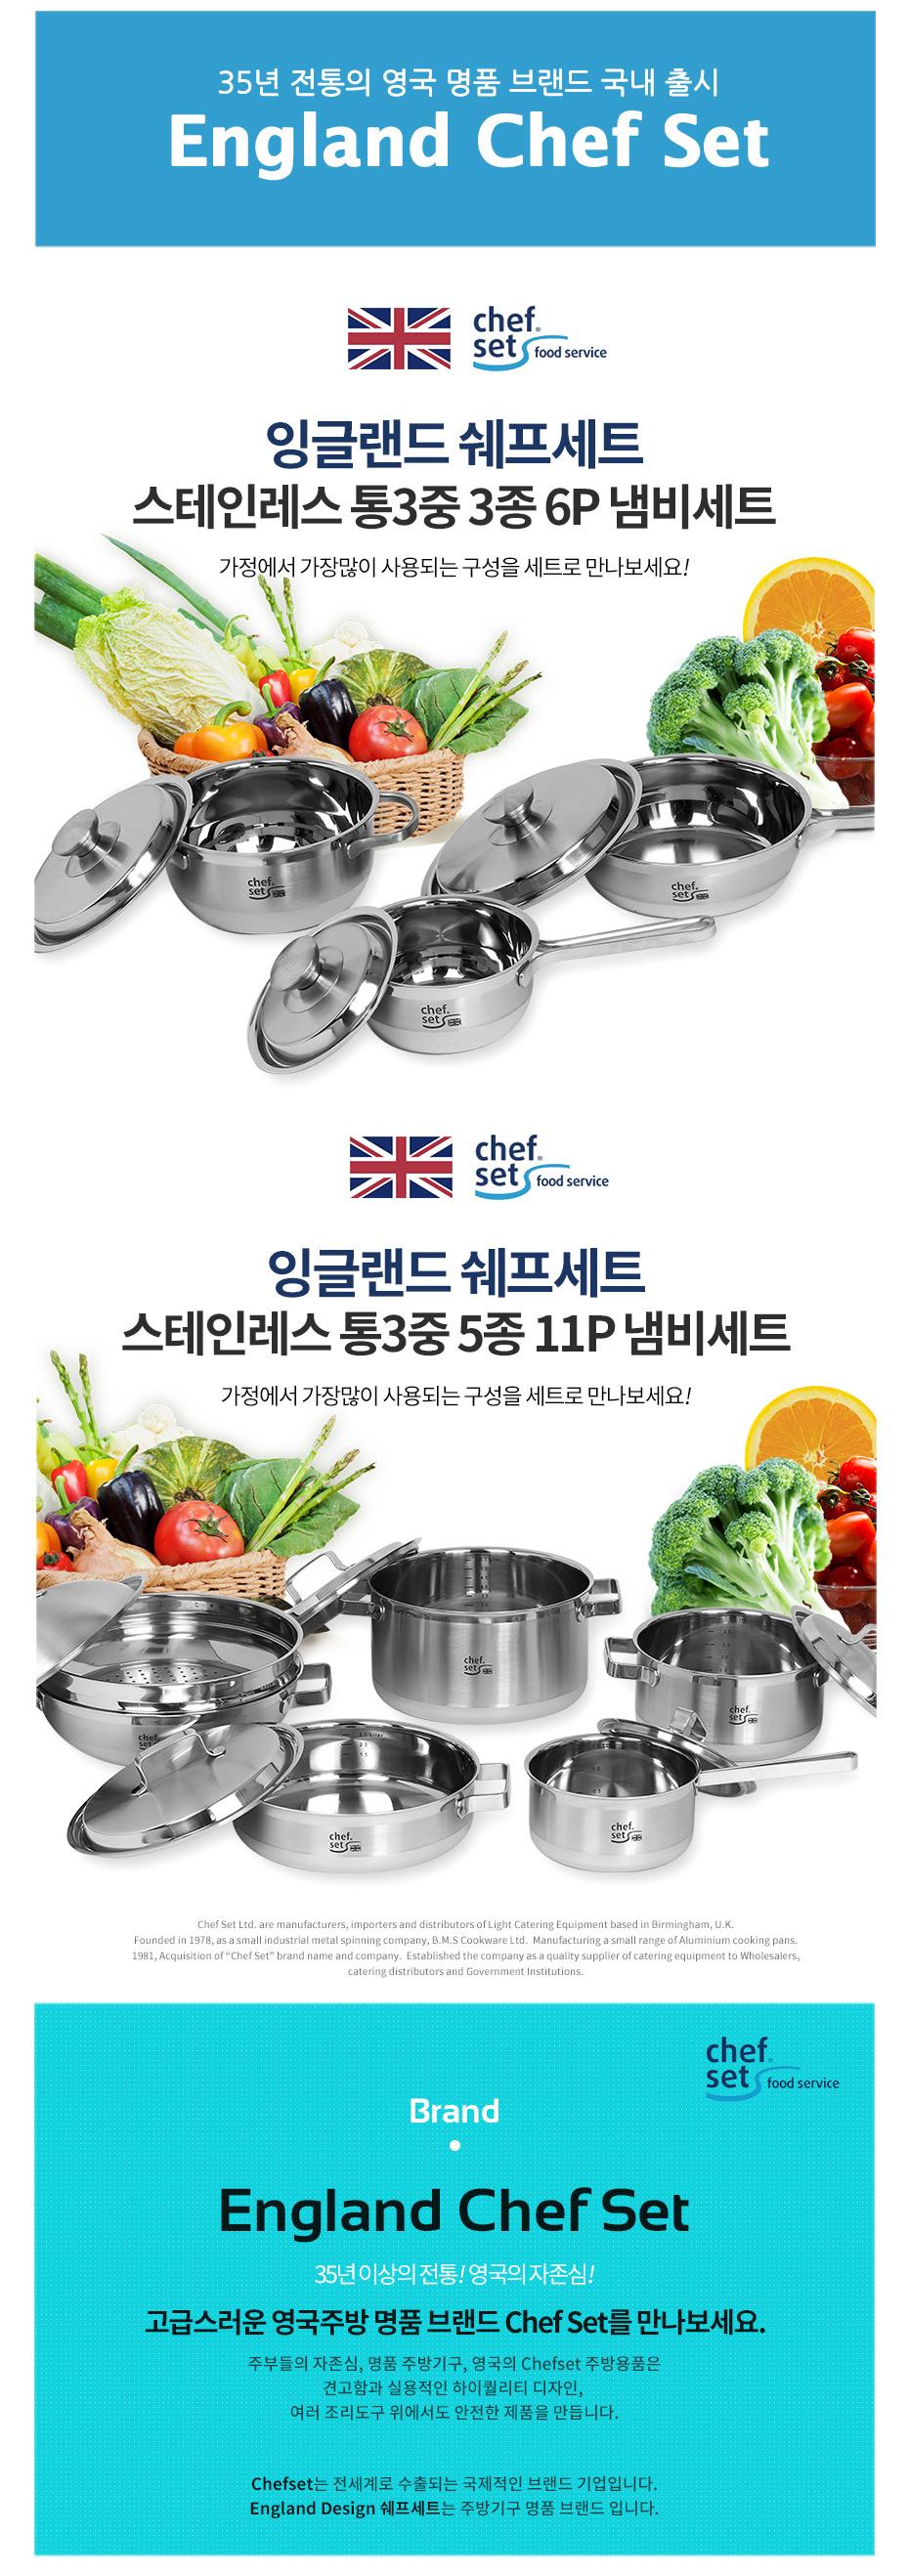 Chef Set 영국 쉐프세트 스테인레스 통3중 냄비세트